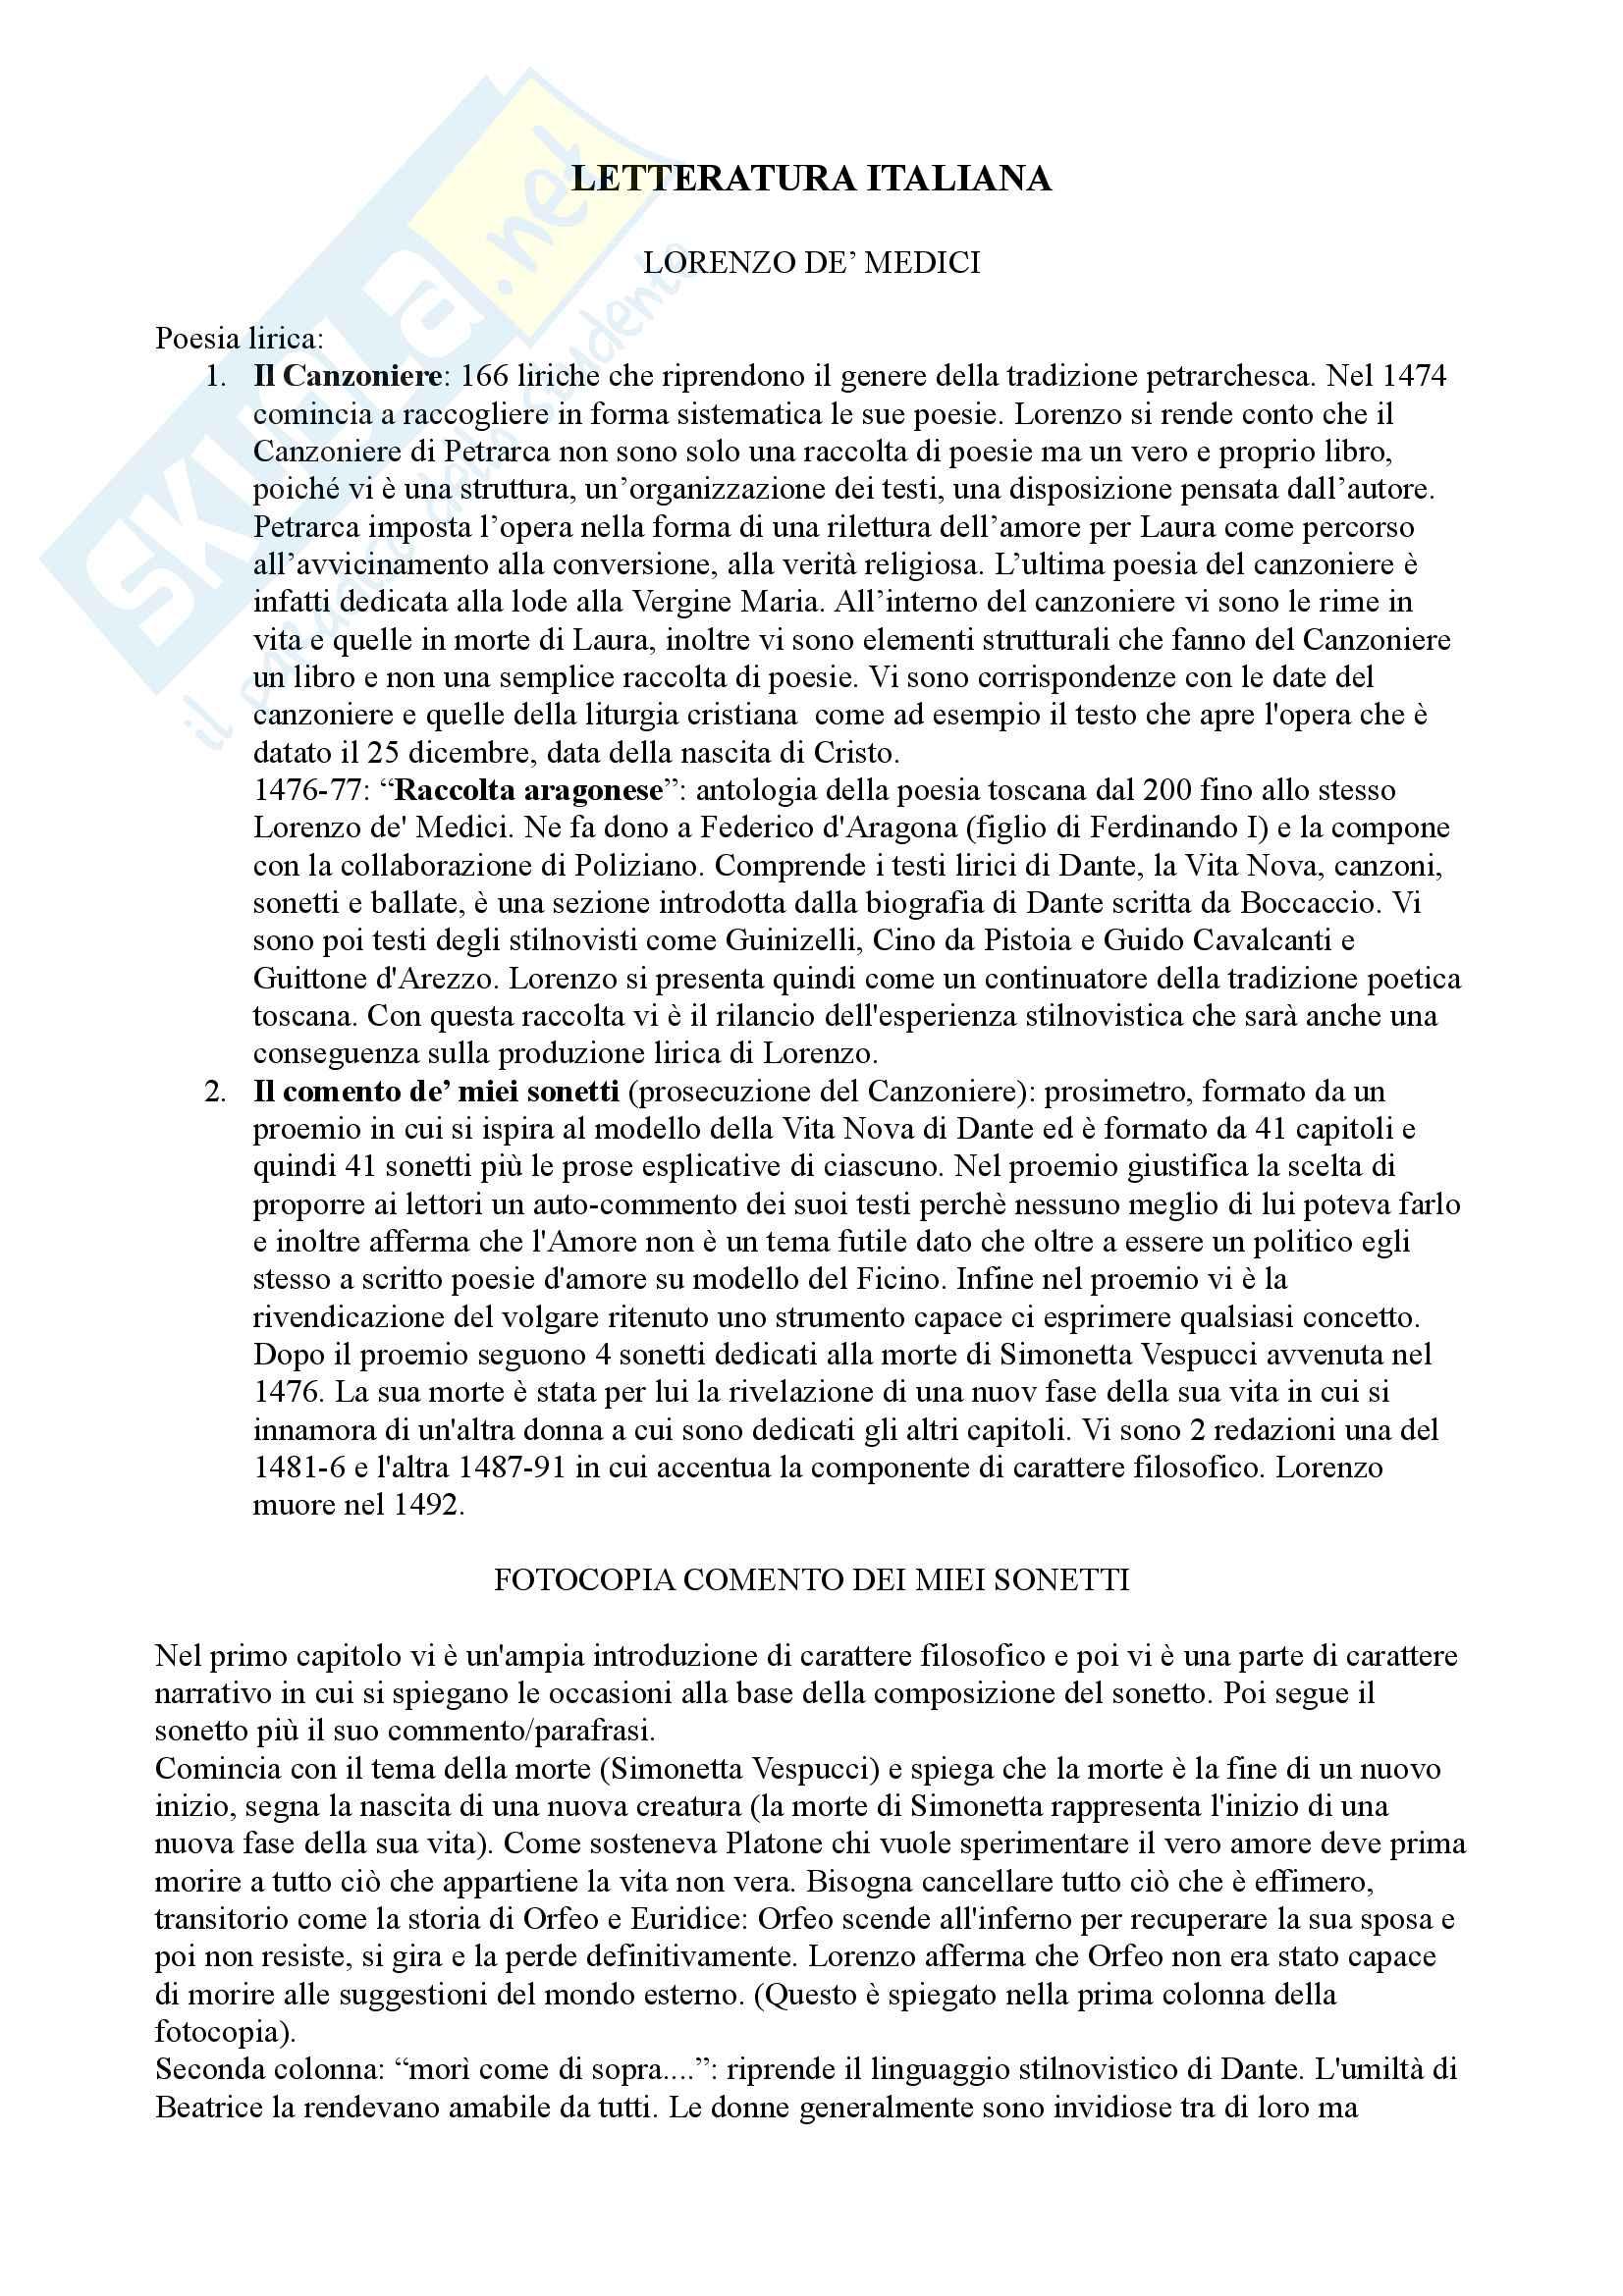 Letteratura Italiana Secoli XVII-XIX, docente Attilio Bettinzoli, La letteratura italiana dal Barocco al tardo Romanticismo (Seconda Parte del Corso)